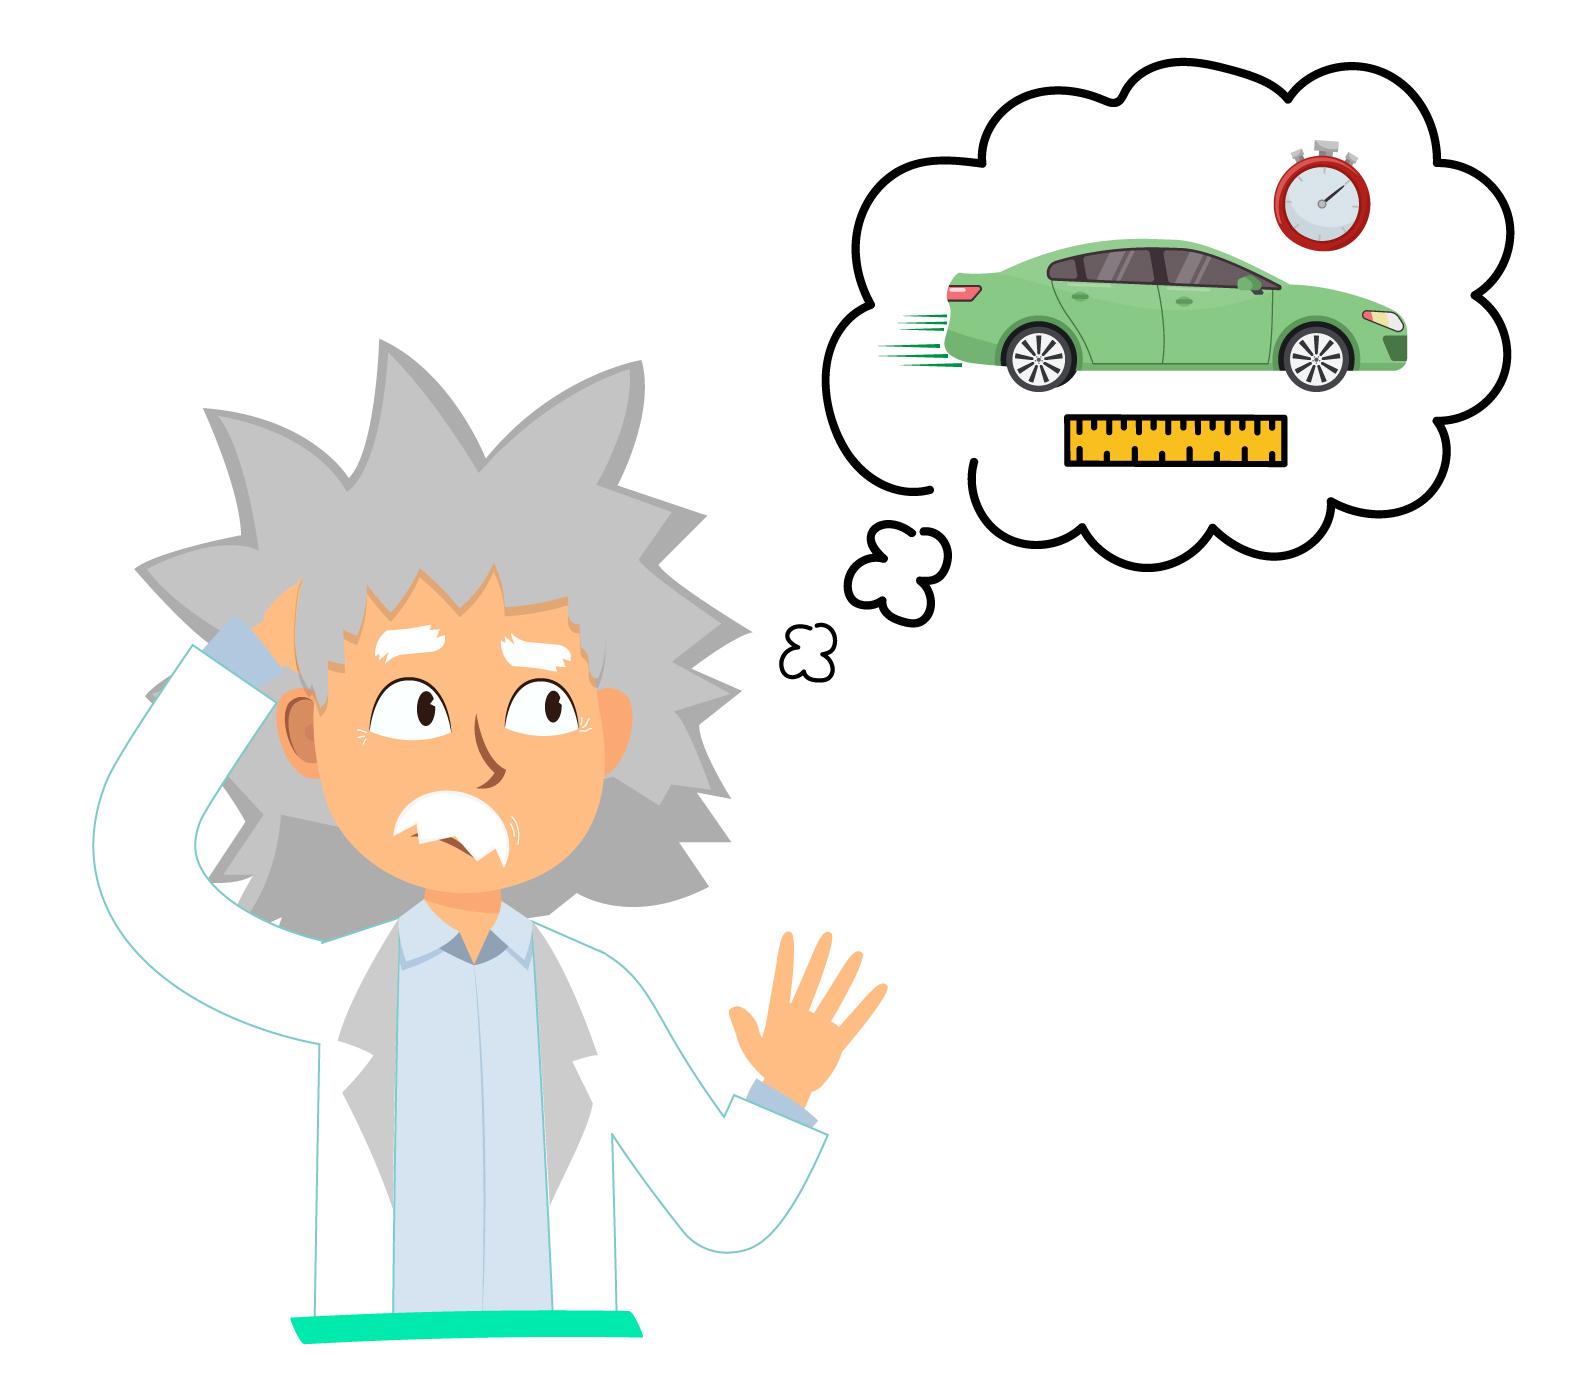 cientista pensando em como calcular a velocidade média usando espaço e tempo